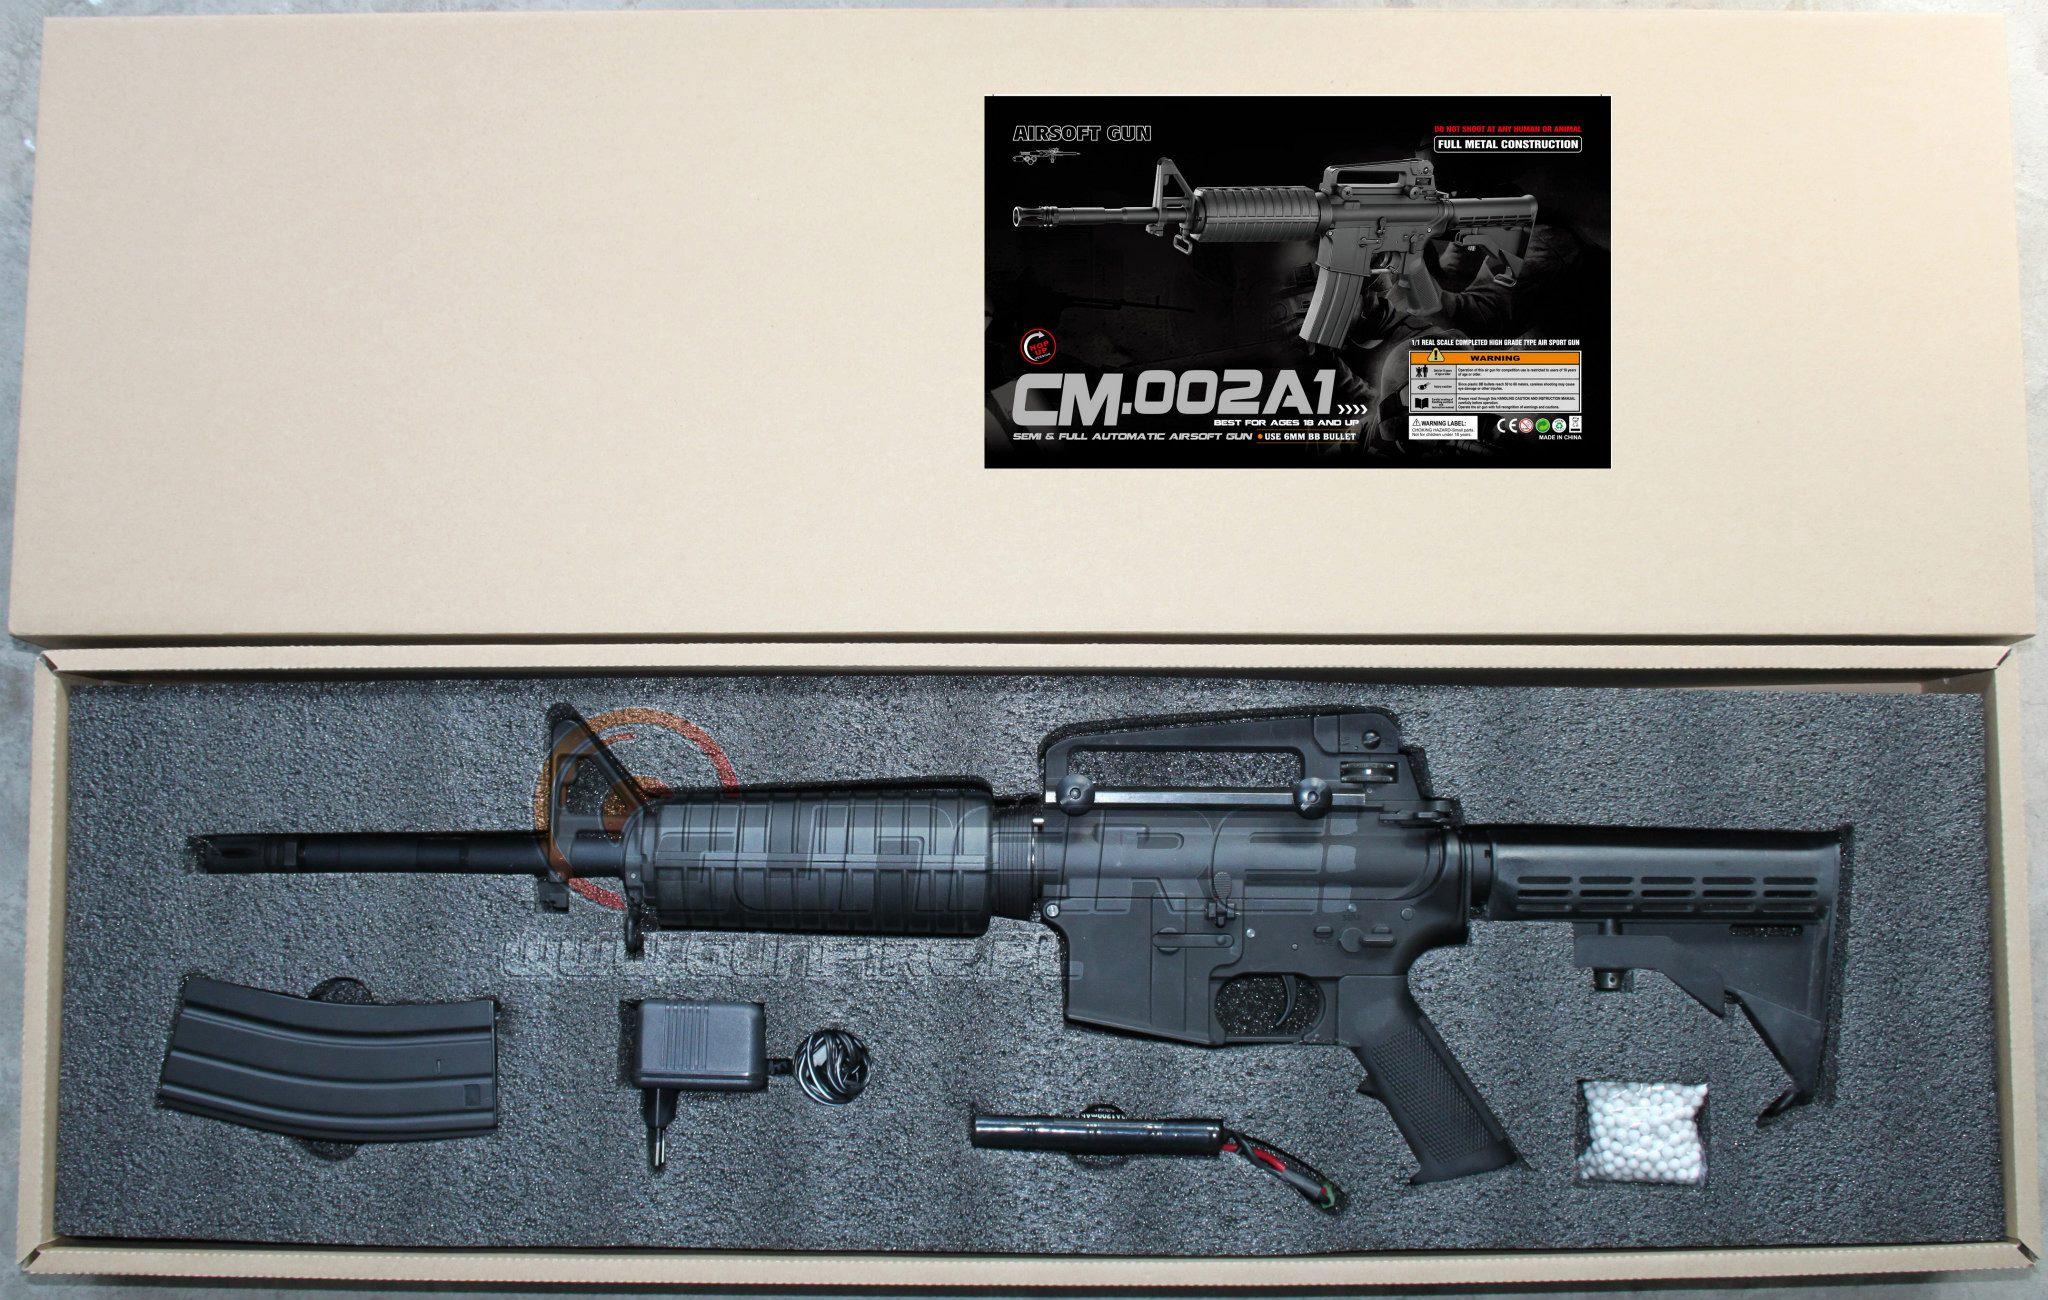 Cyma anuncia que fabricará M4 - M16 CM-002A1